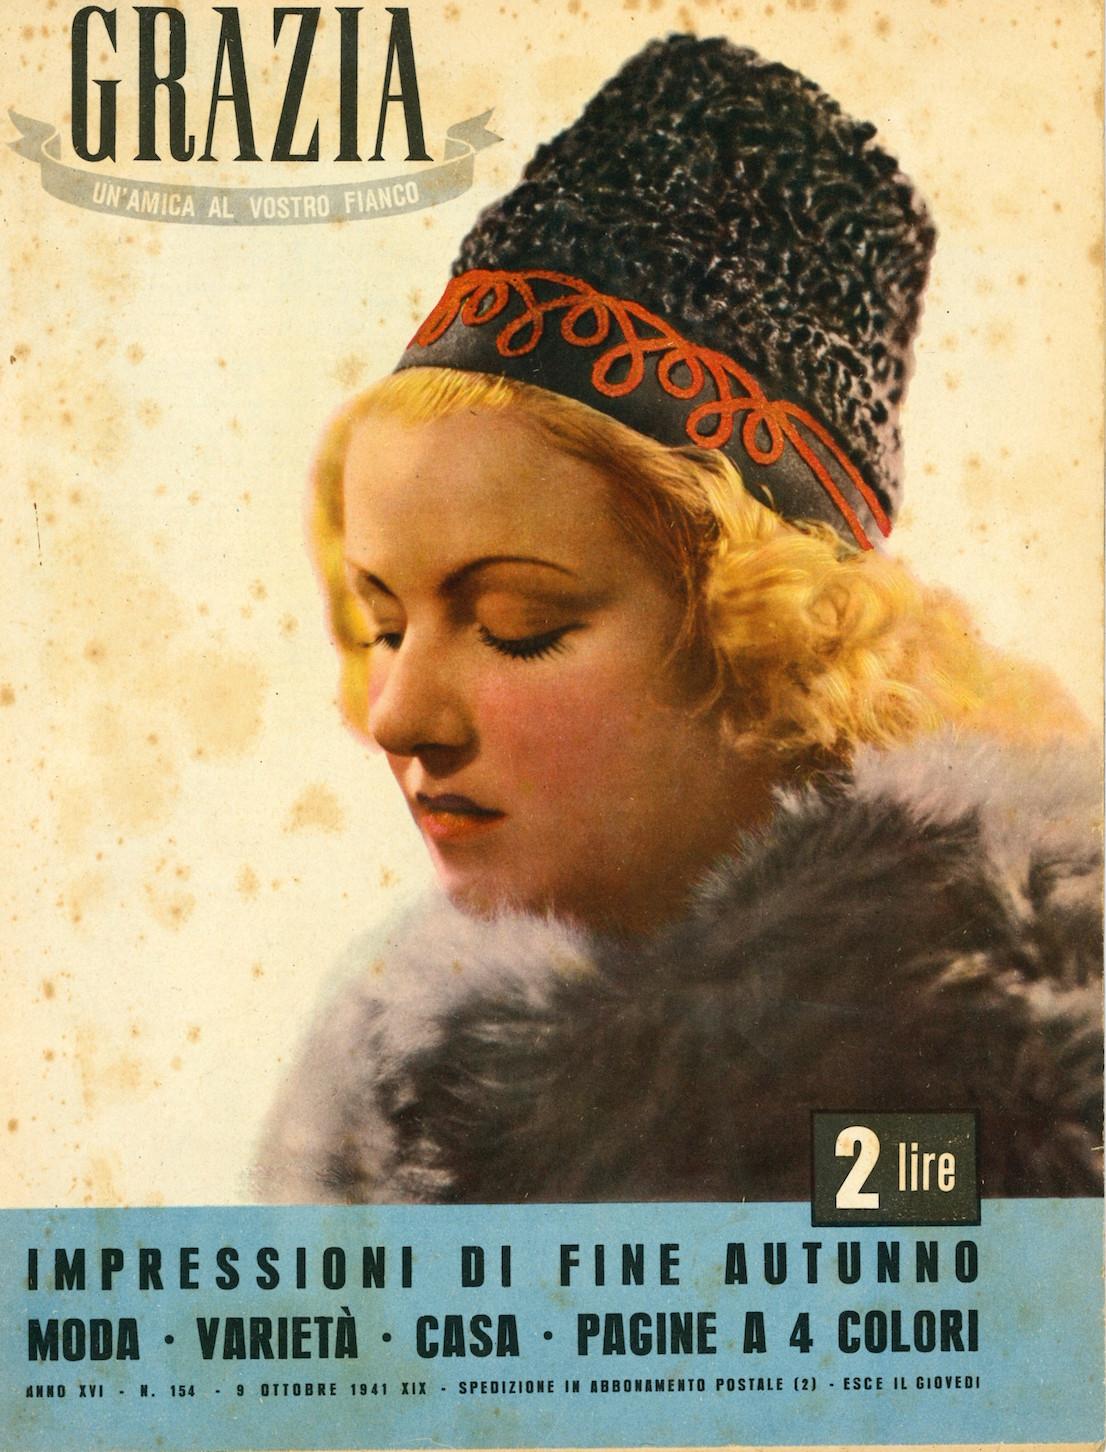 Grazia 154, 1941. Copertina.